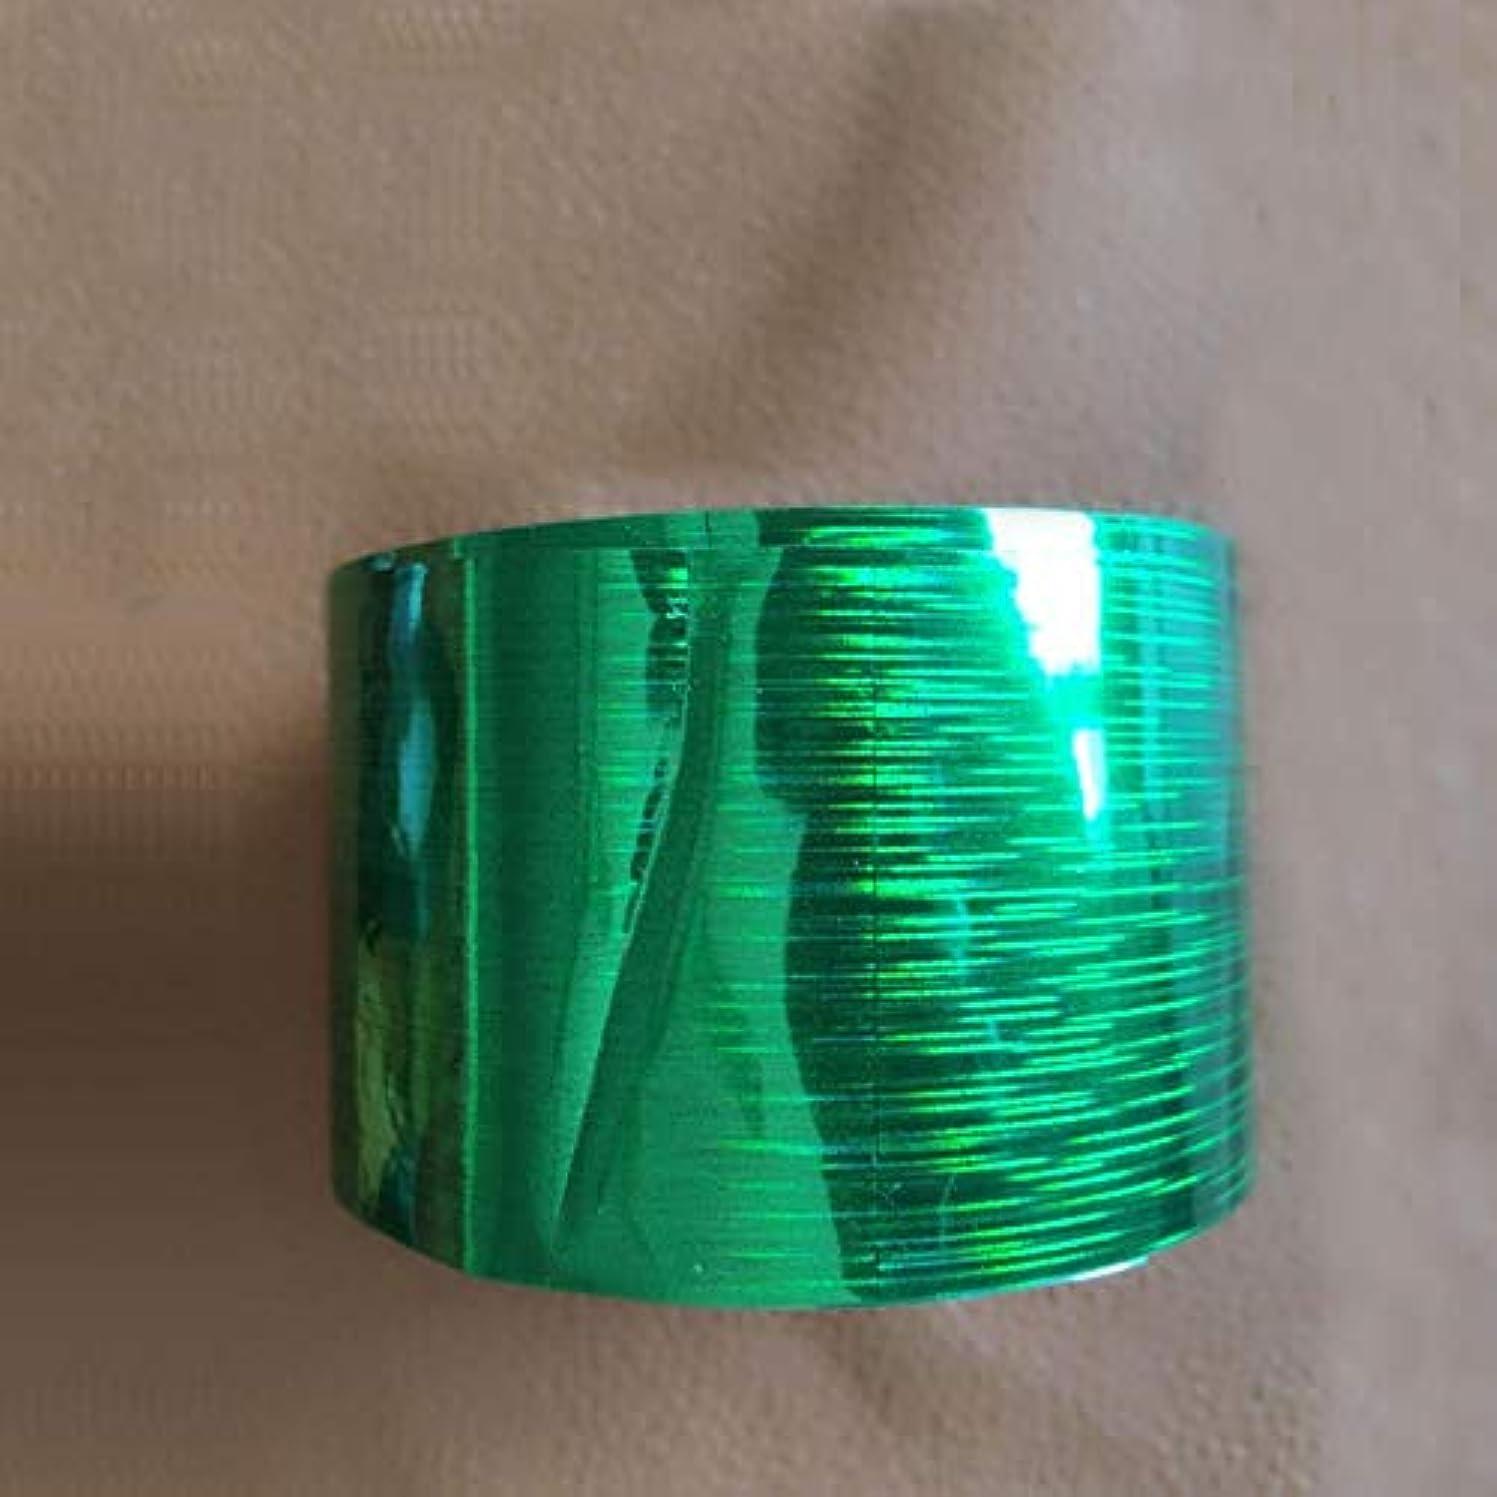 アジャギャラリーアクティビティSUKTI&XIAO ネイルステッカー 1ロール120M * 4CmホログラフィックネイルフォイルレインボートランスファーフォイルステッカーフィンガーラップネイルアートDiy接着剤マニキュア美容デカール、グリーン